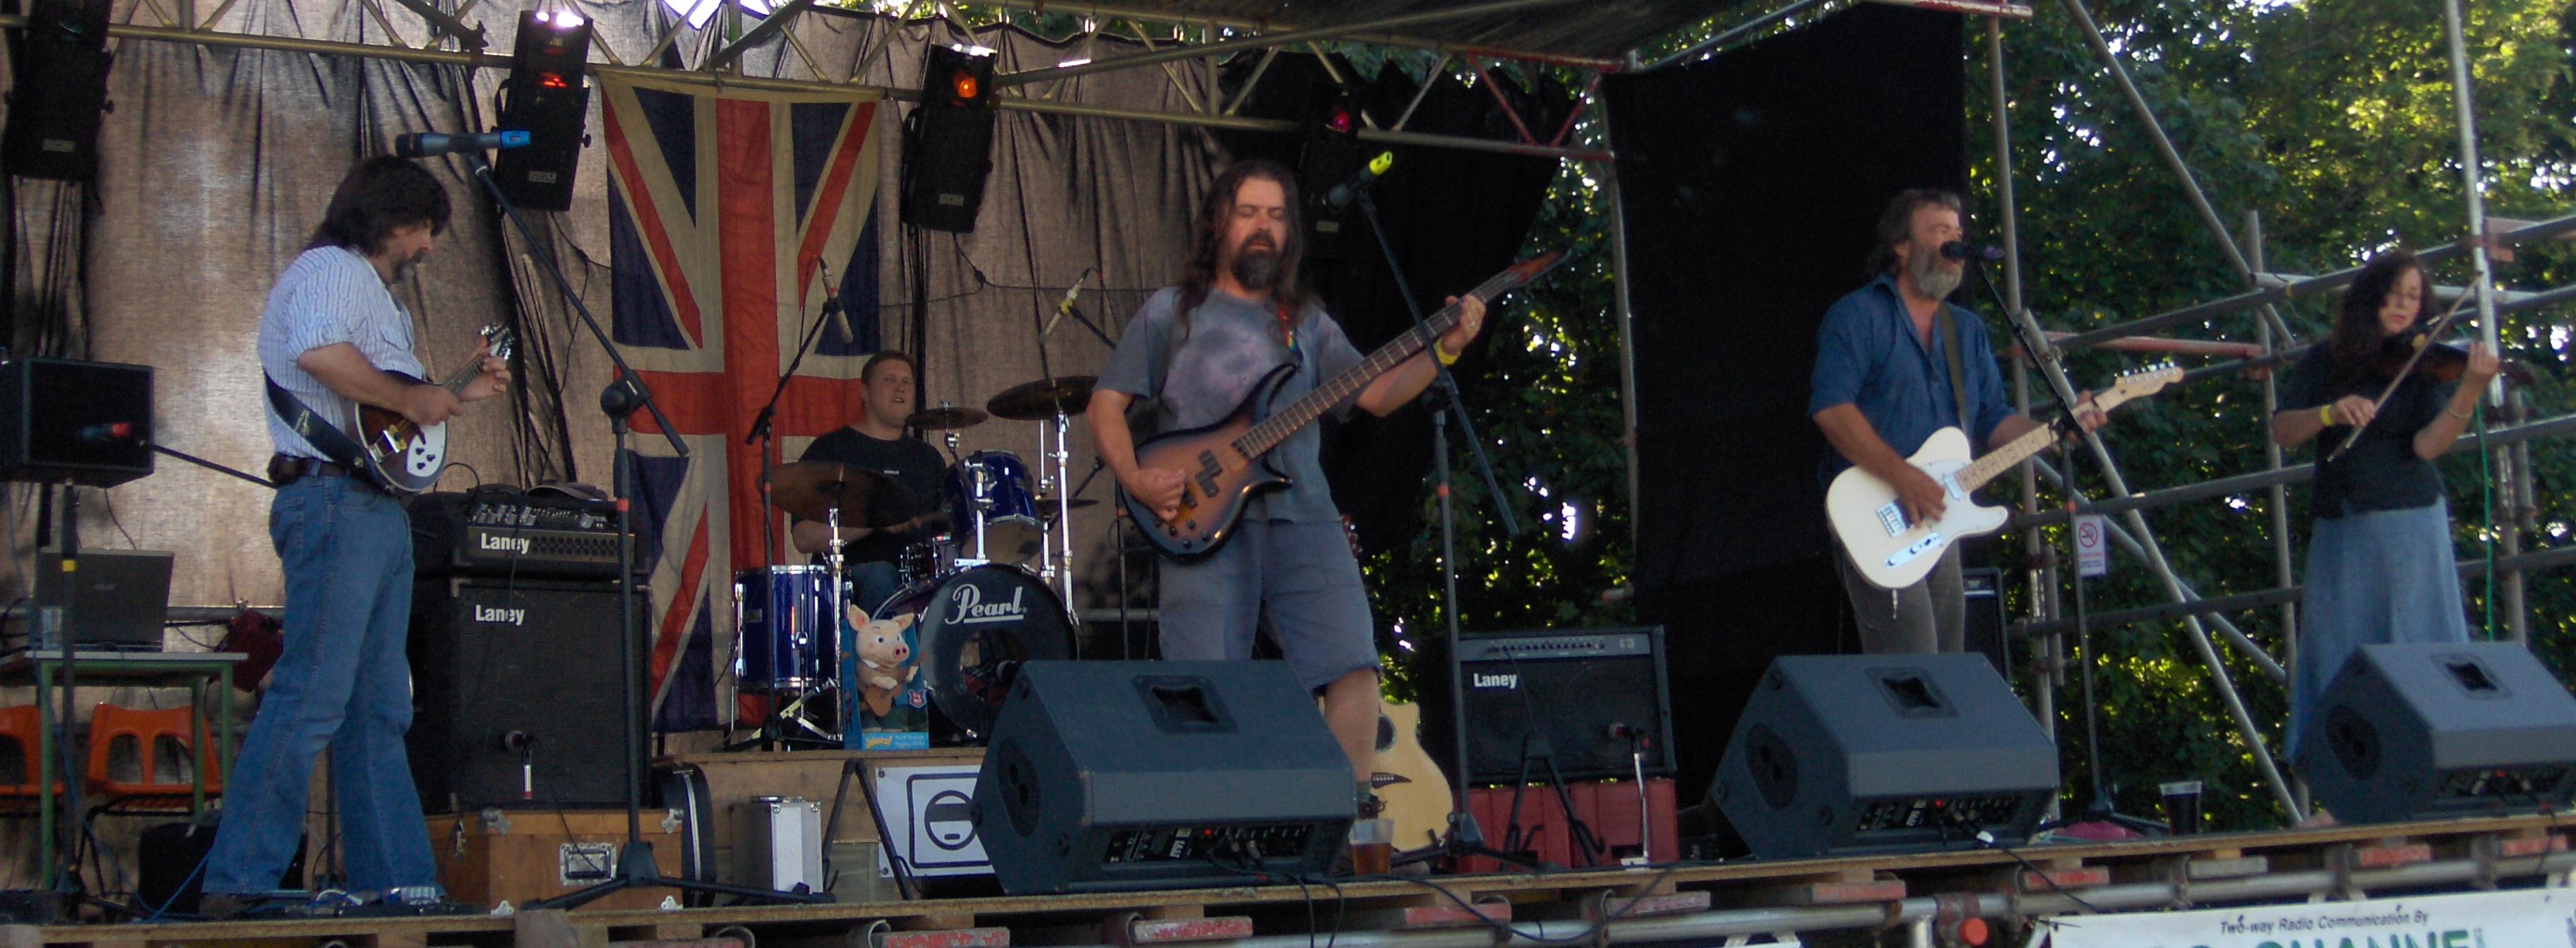 Rode Festival 2008